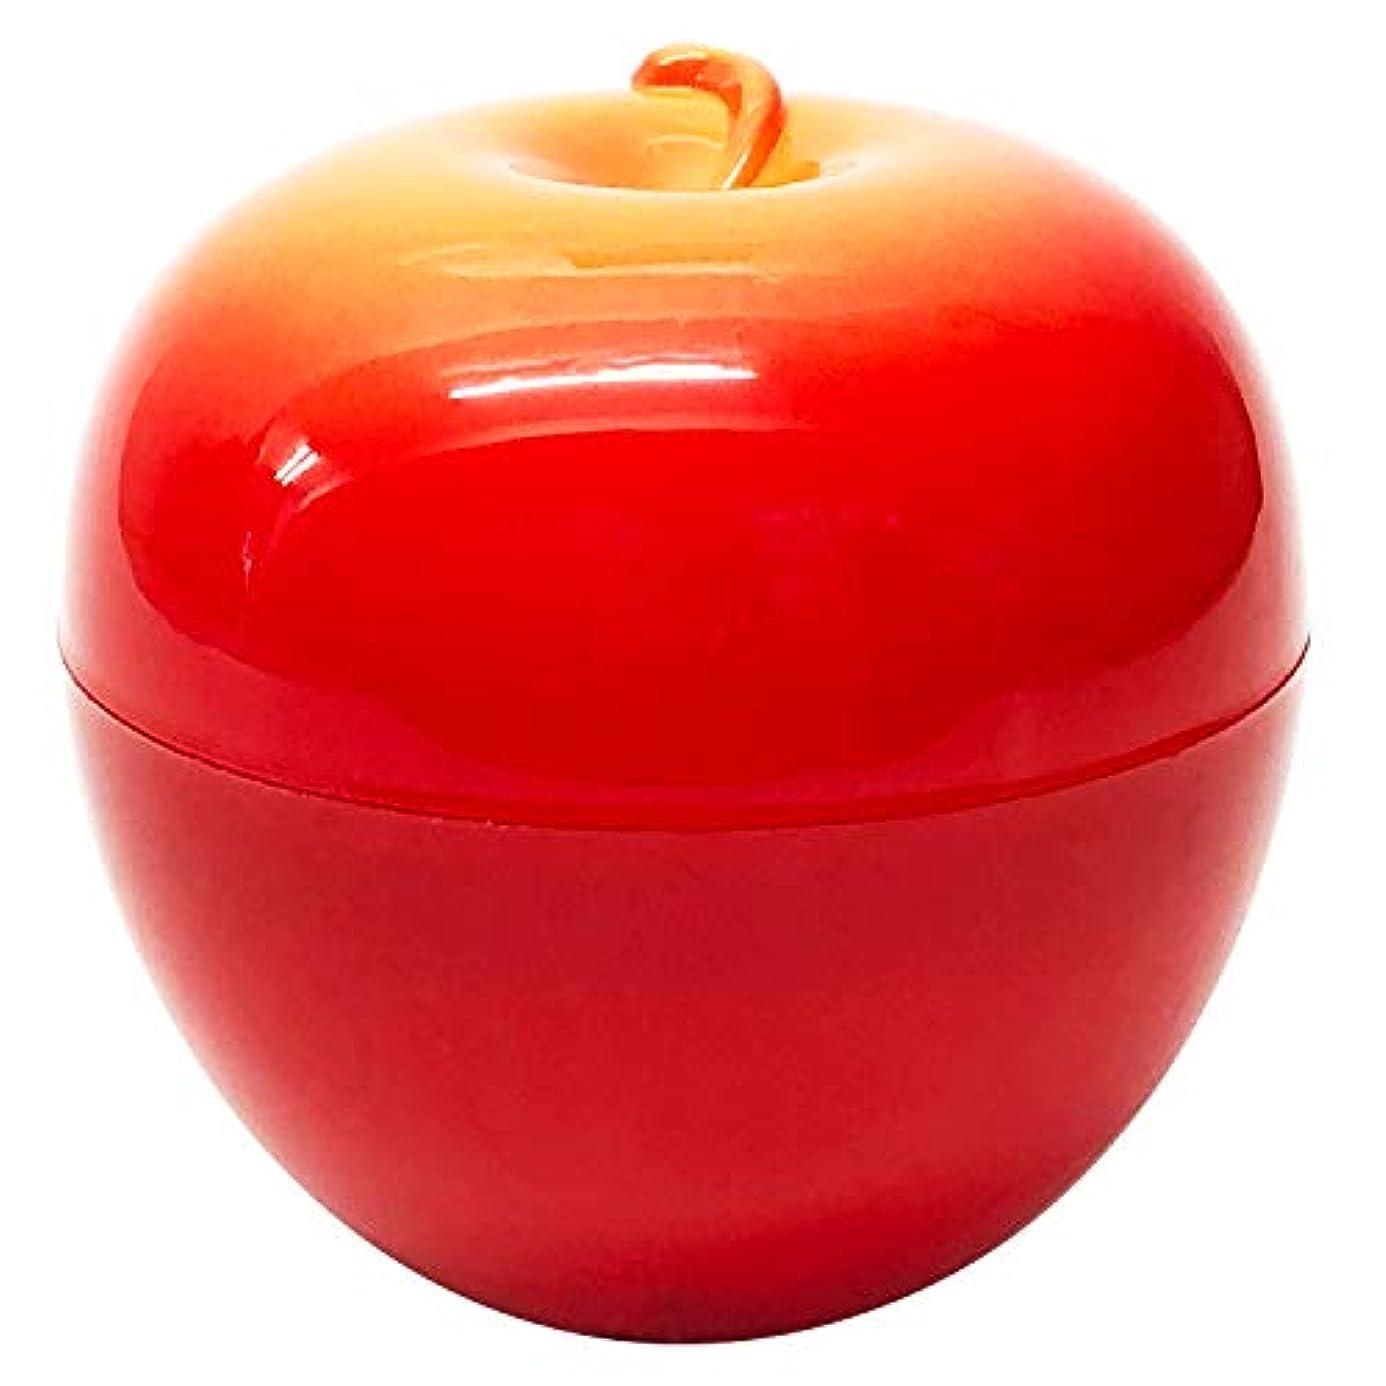 シェルターメロドラマ失望させるTokyoFruits(トウキョウフルーツ) 東京フルーツハンドクリーム&ltリンゴ> セット 30g×2個